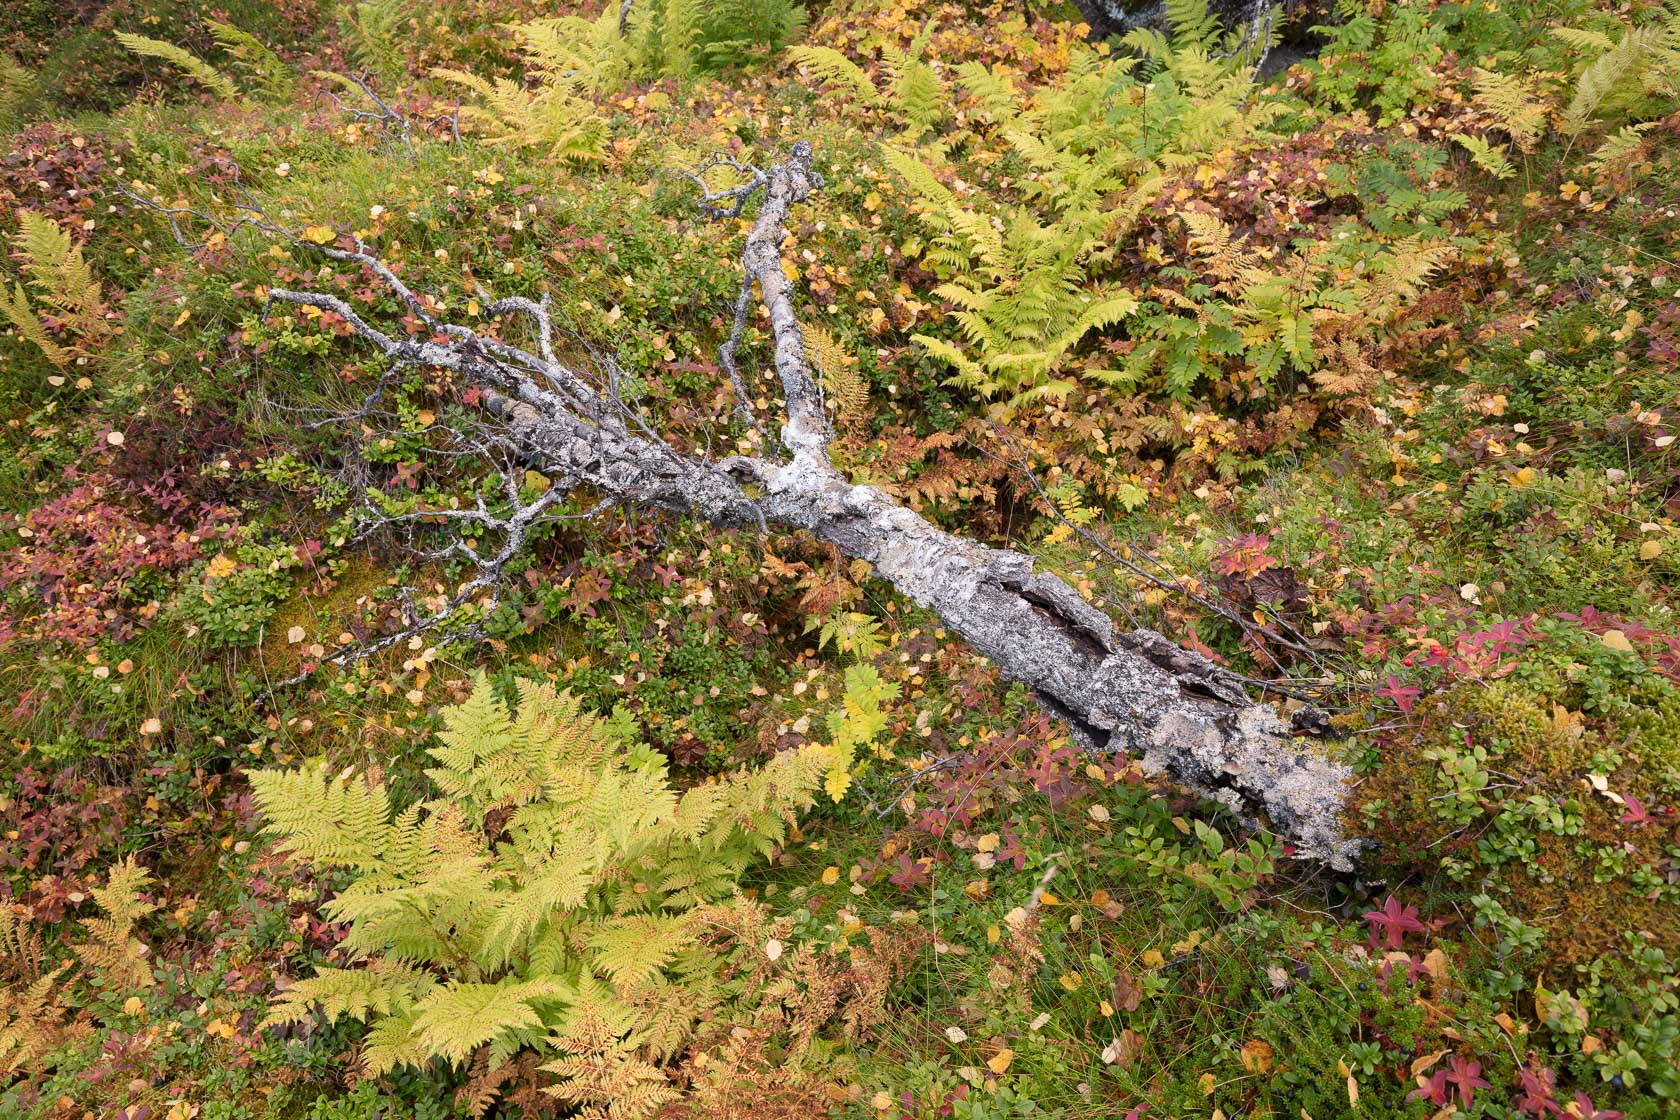 bouleau mort dans la toundra, avec des fougères et des myrtilles, n Norvège